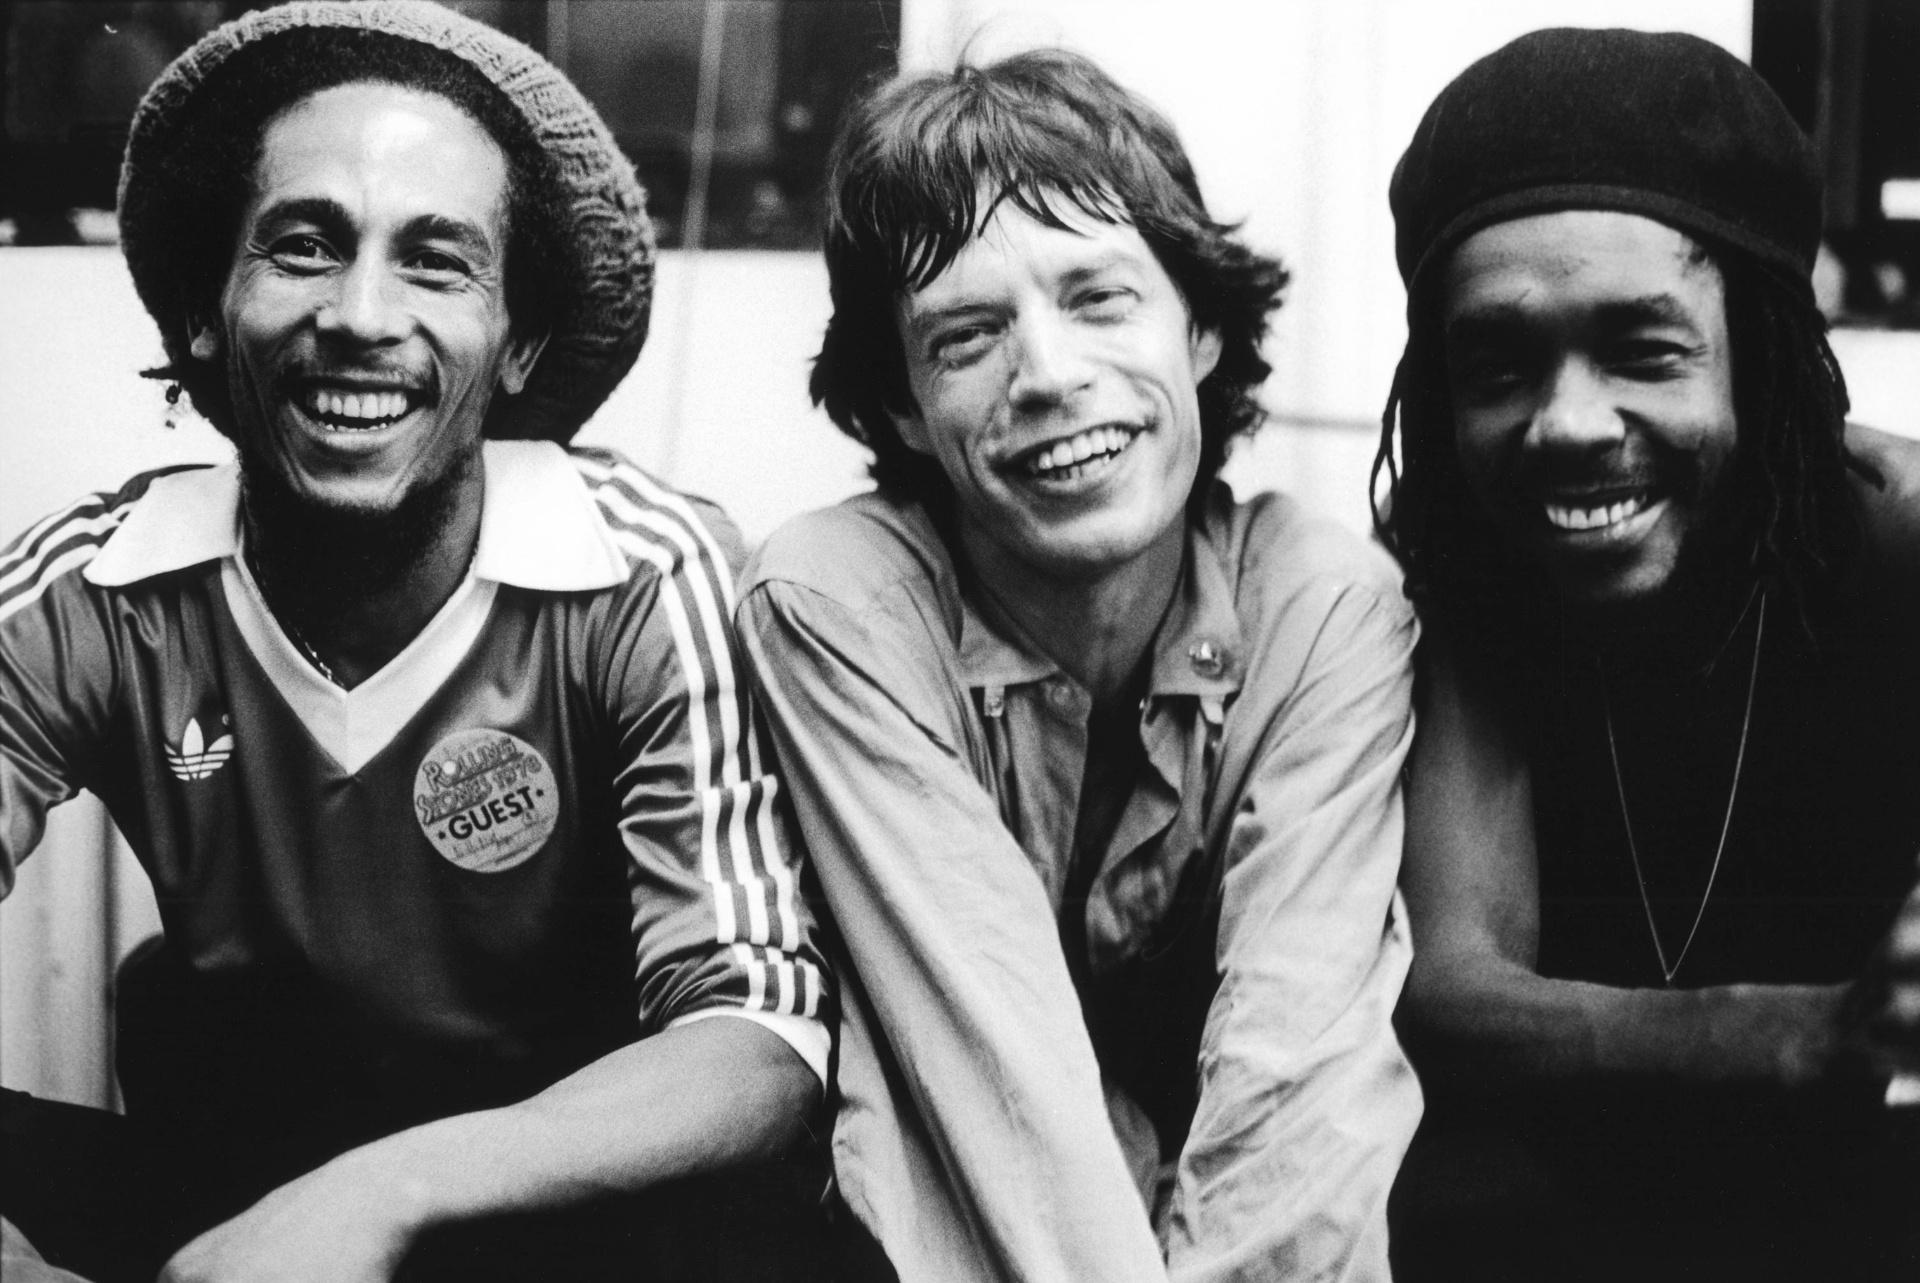 Bob Marley, Mick Jagger e Peter Tosh posam para foto nos bastidores do show dos Rolling Stones no Palladium, em Nova York (19/06/1978)